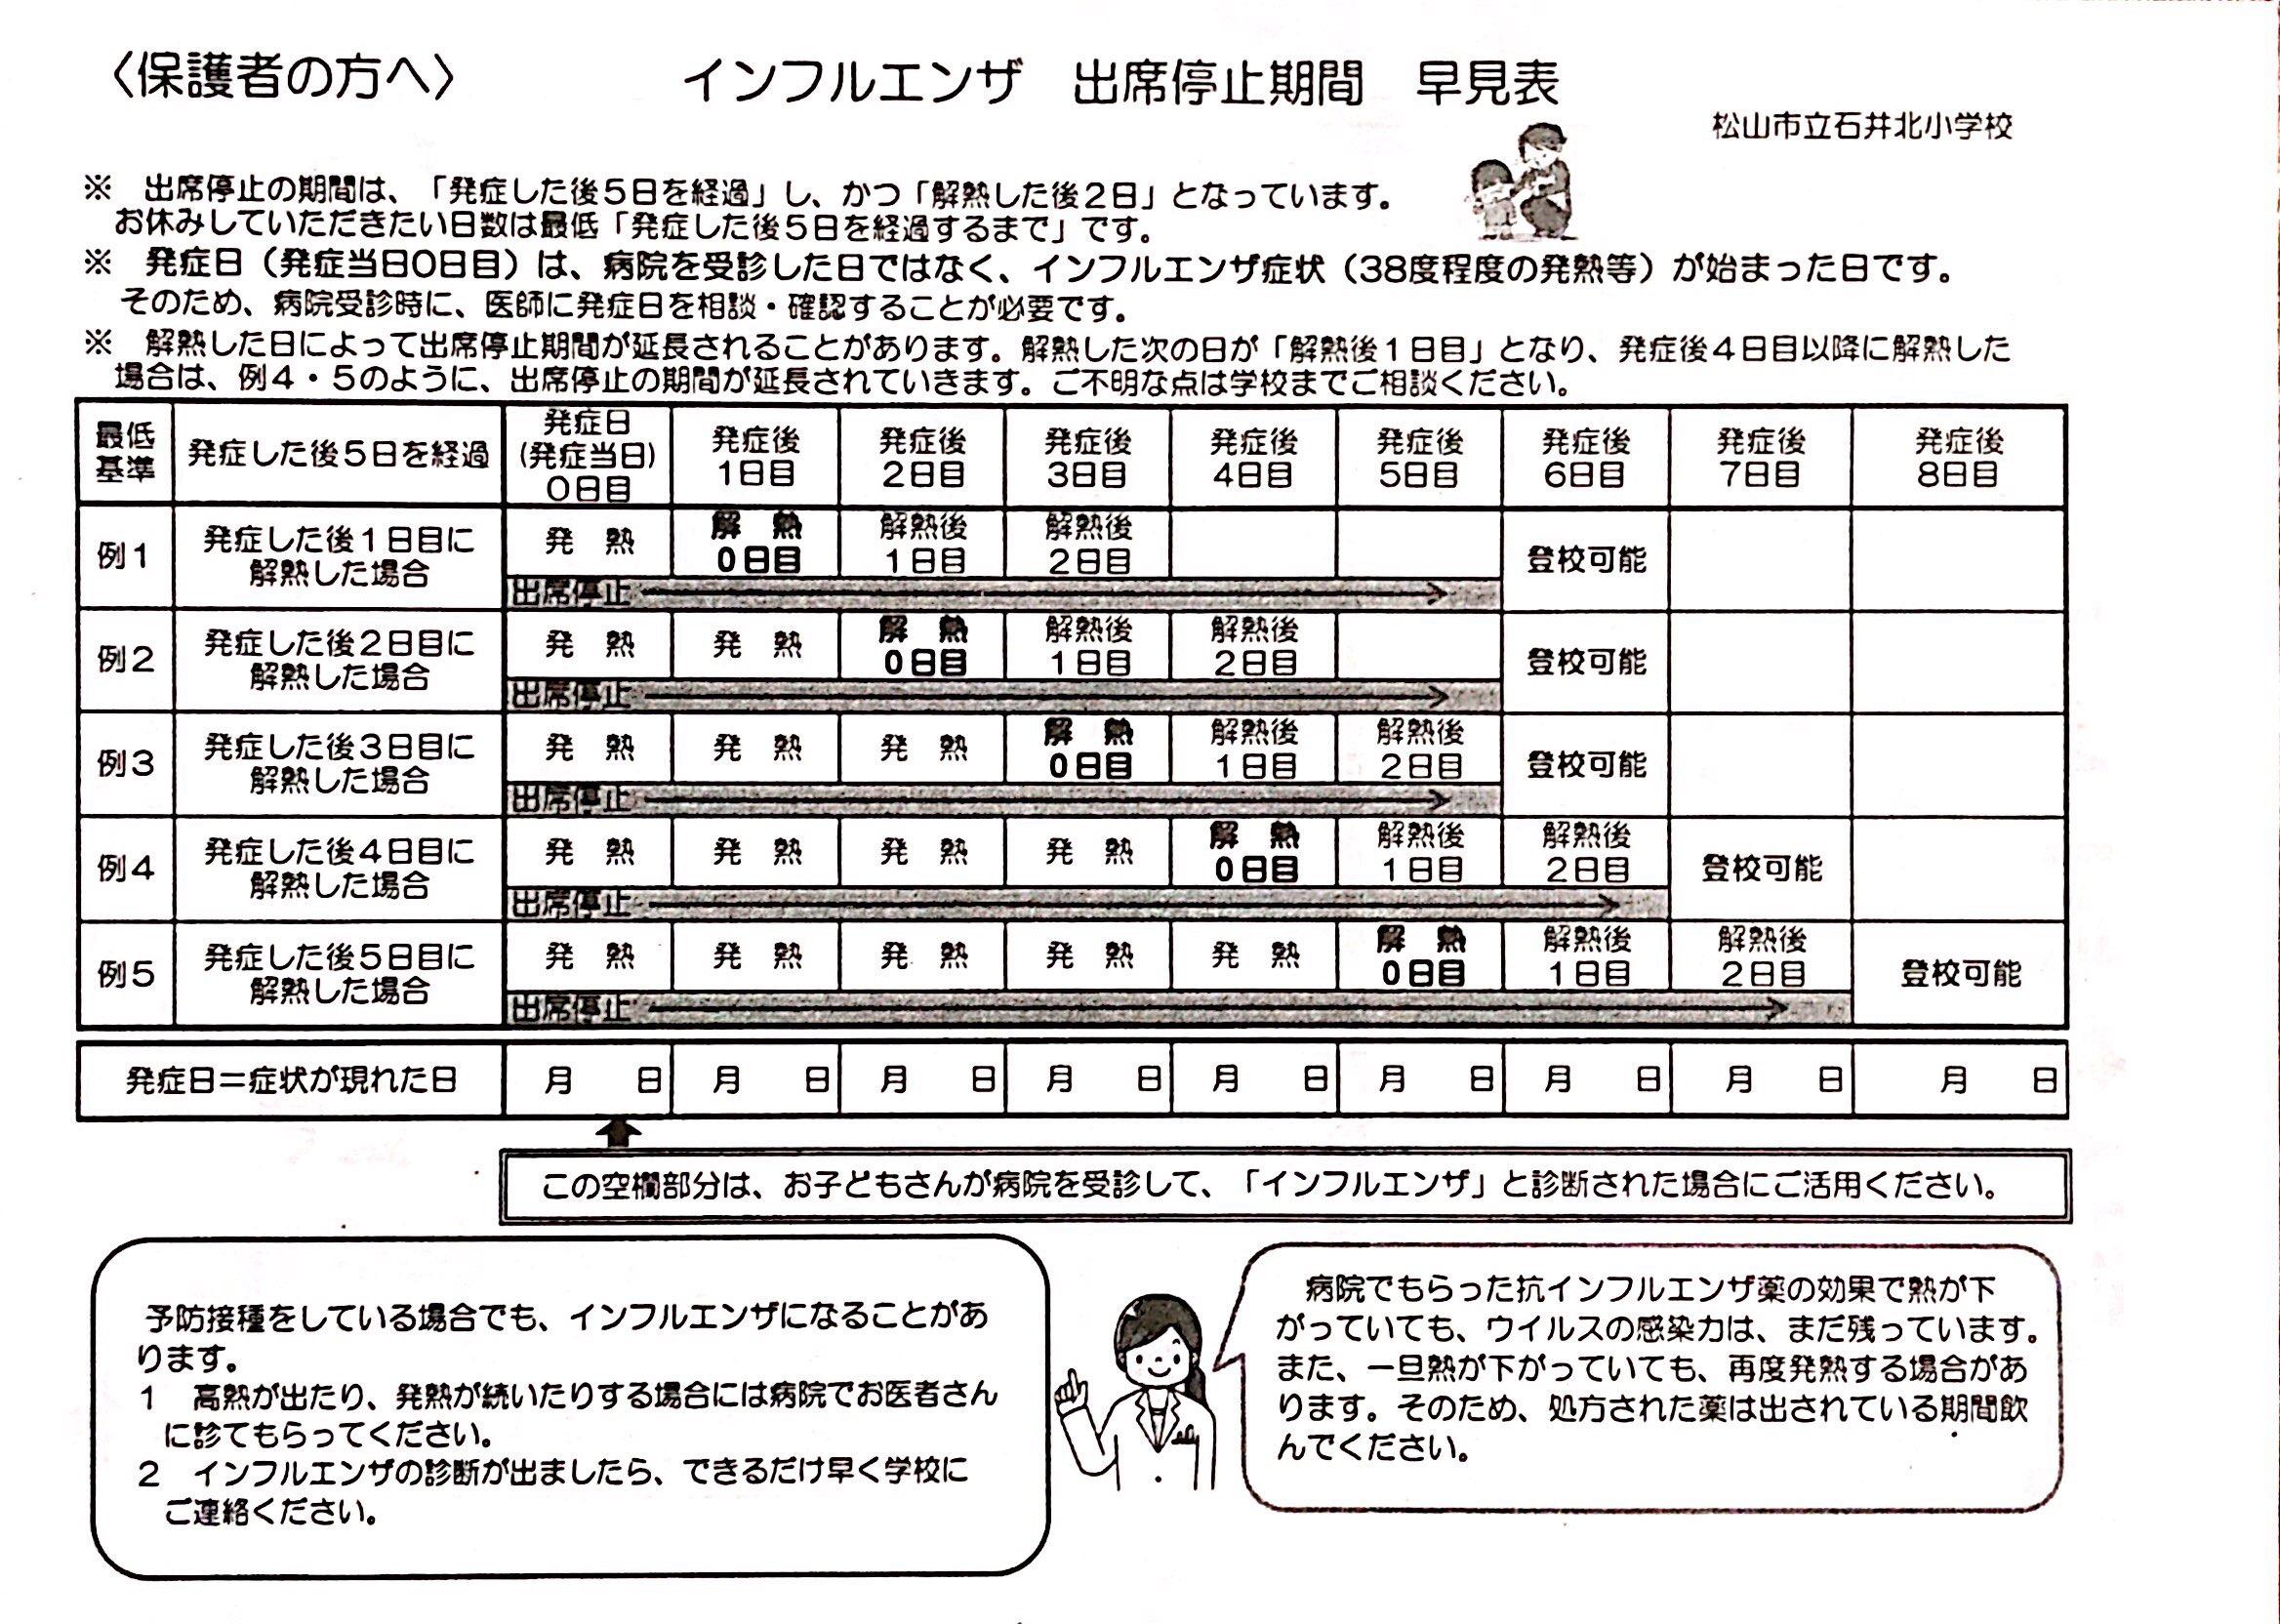 石井北小学校PTAほけんだよりNo7 インフルエンザ出席停止期間 早見表